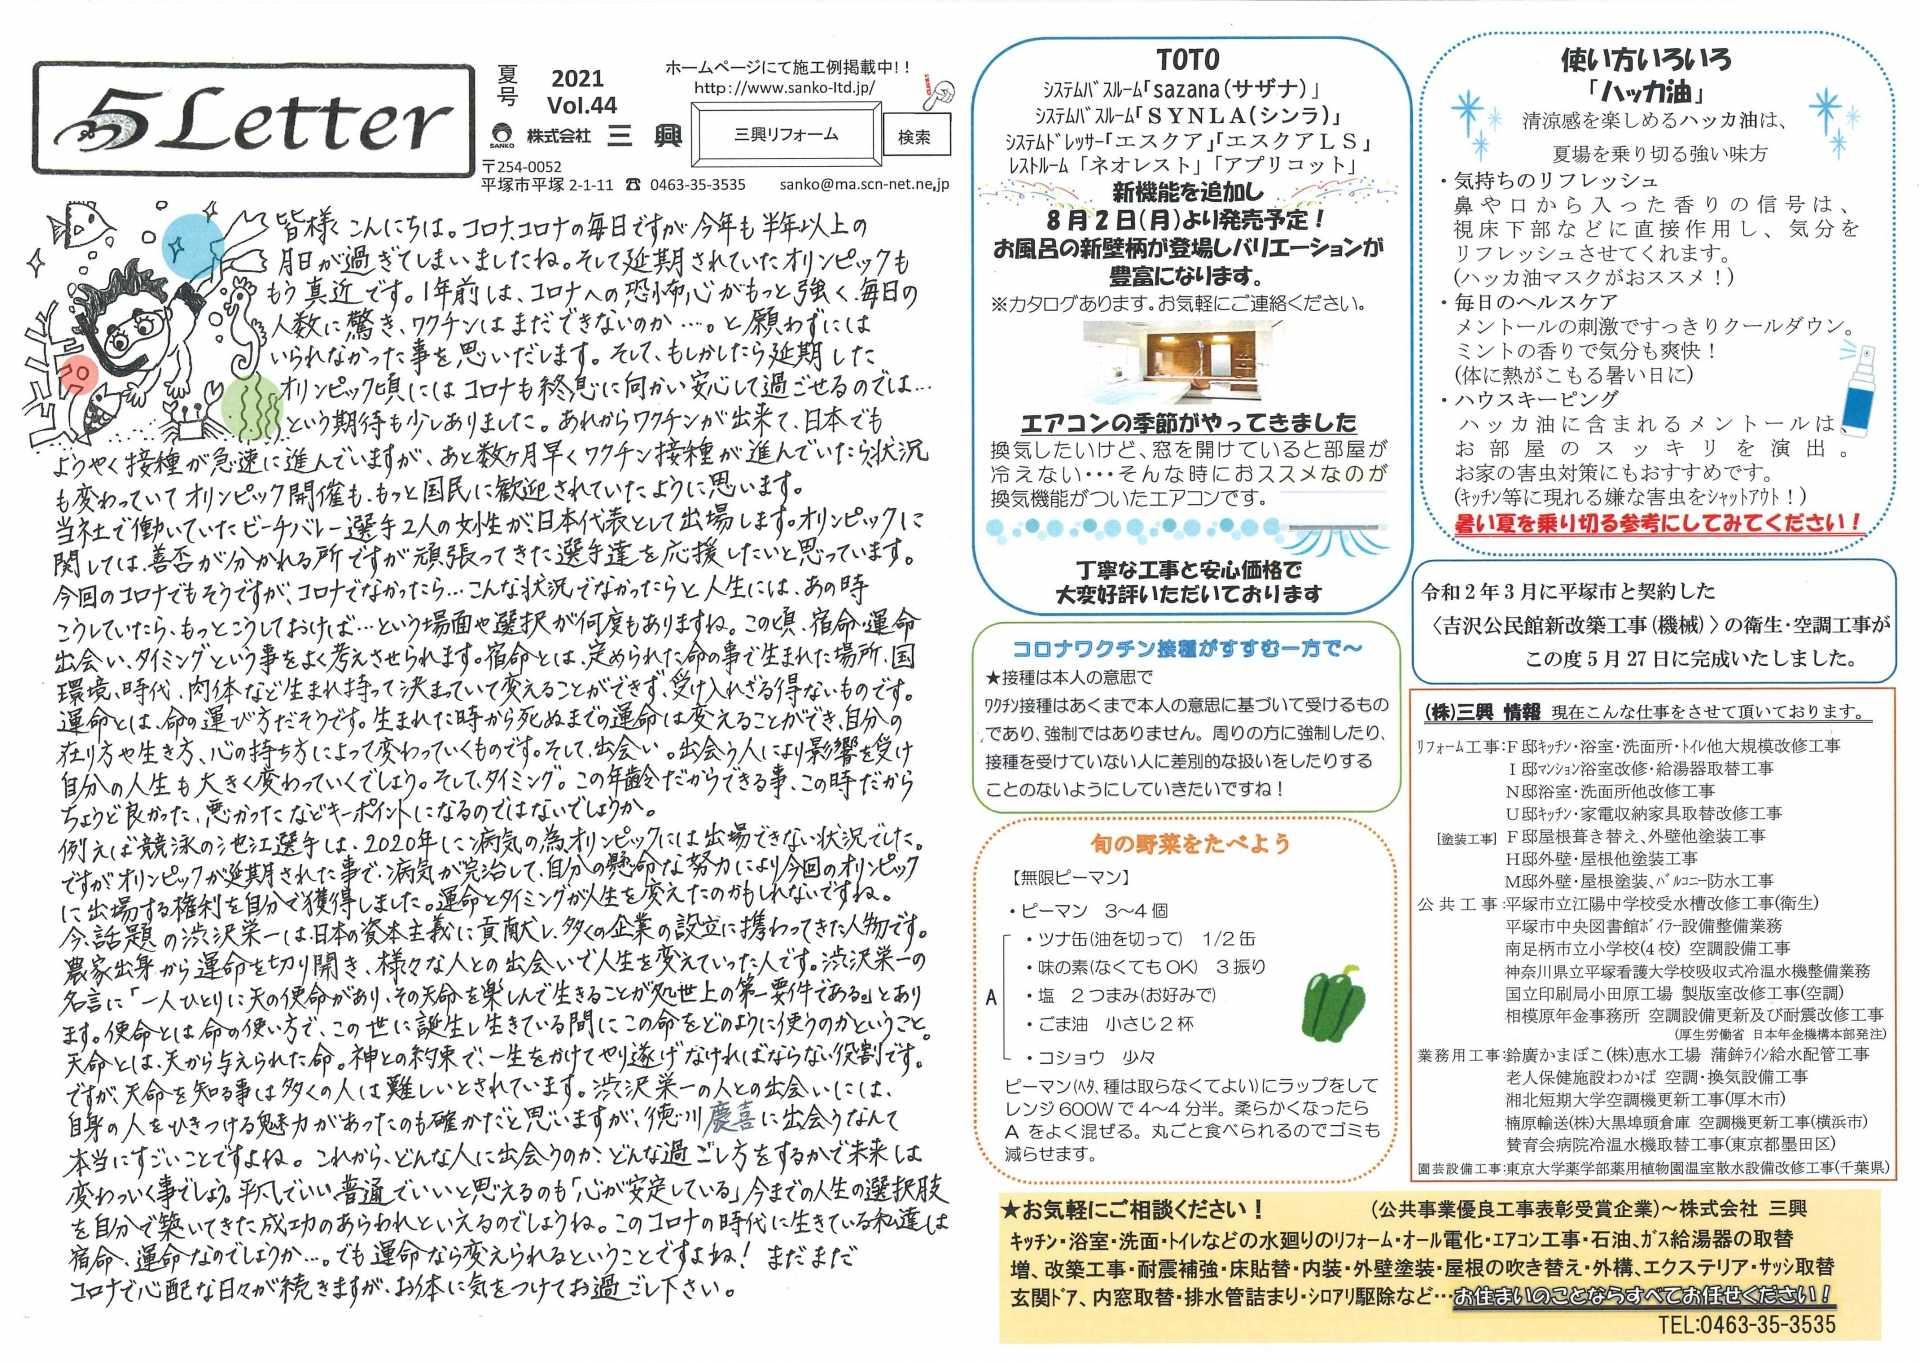 最新号35レター出ました!(vol.44)